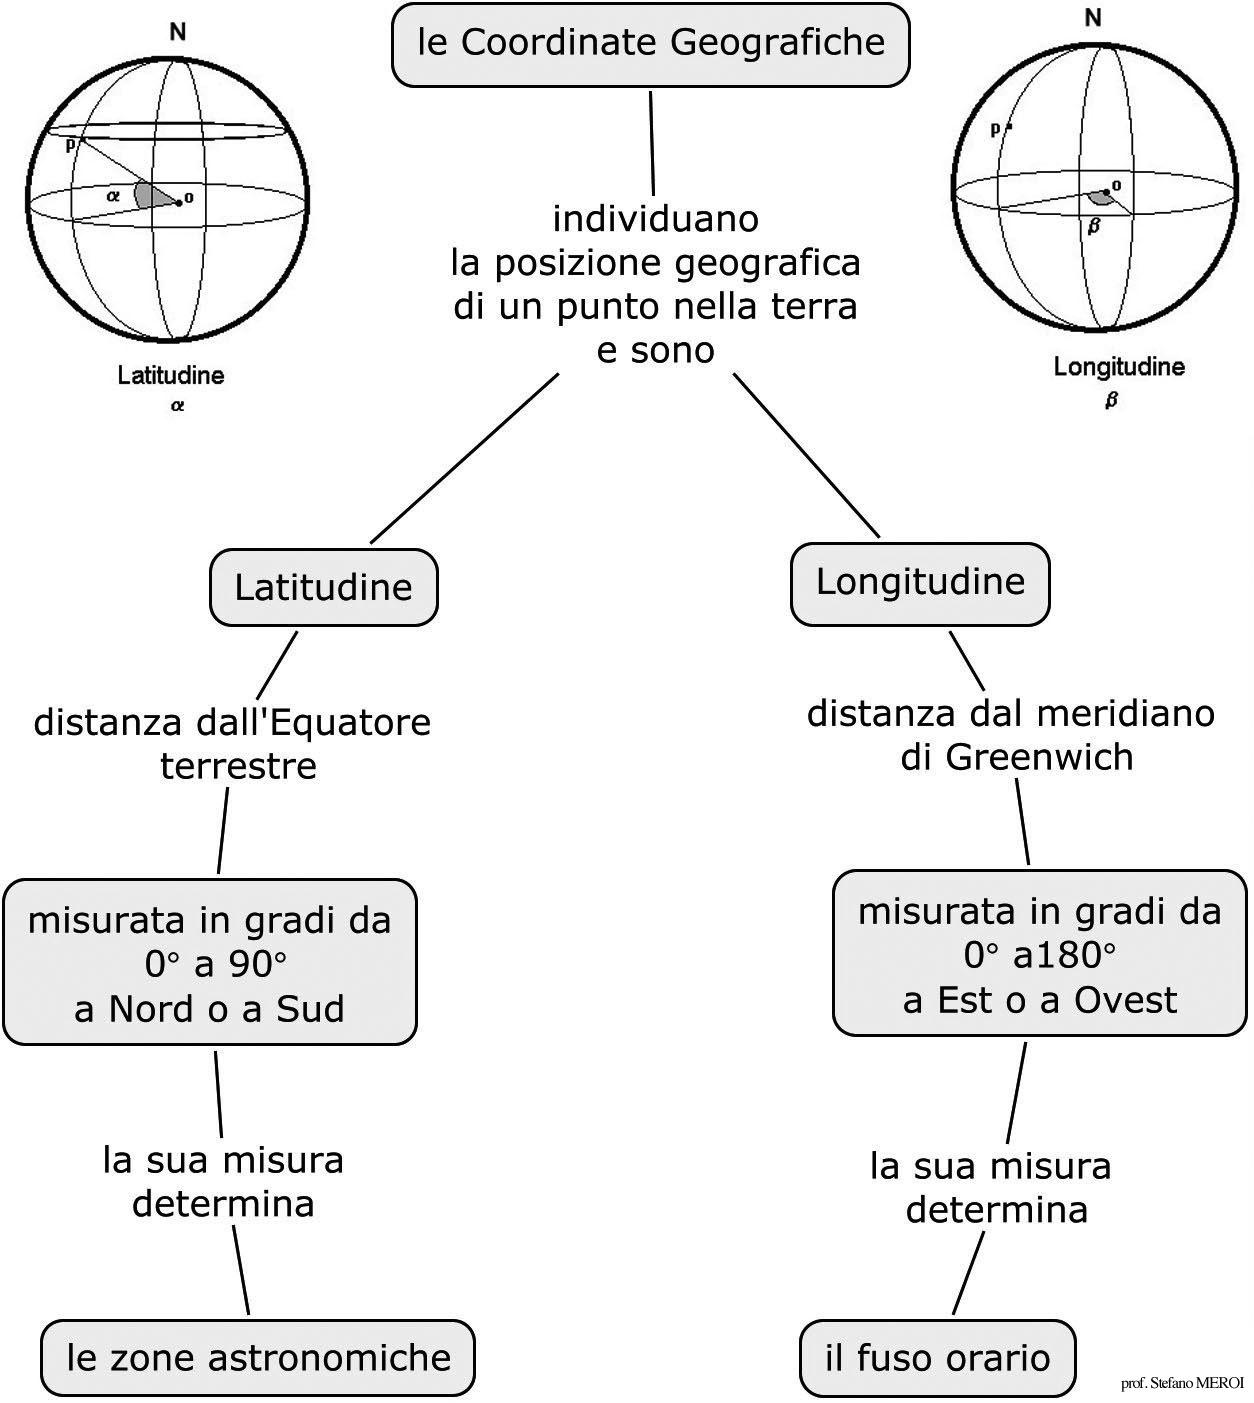 Estremamente Geografia generale | Geografia per tutti XL55